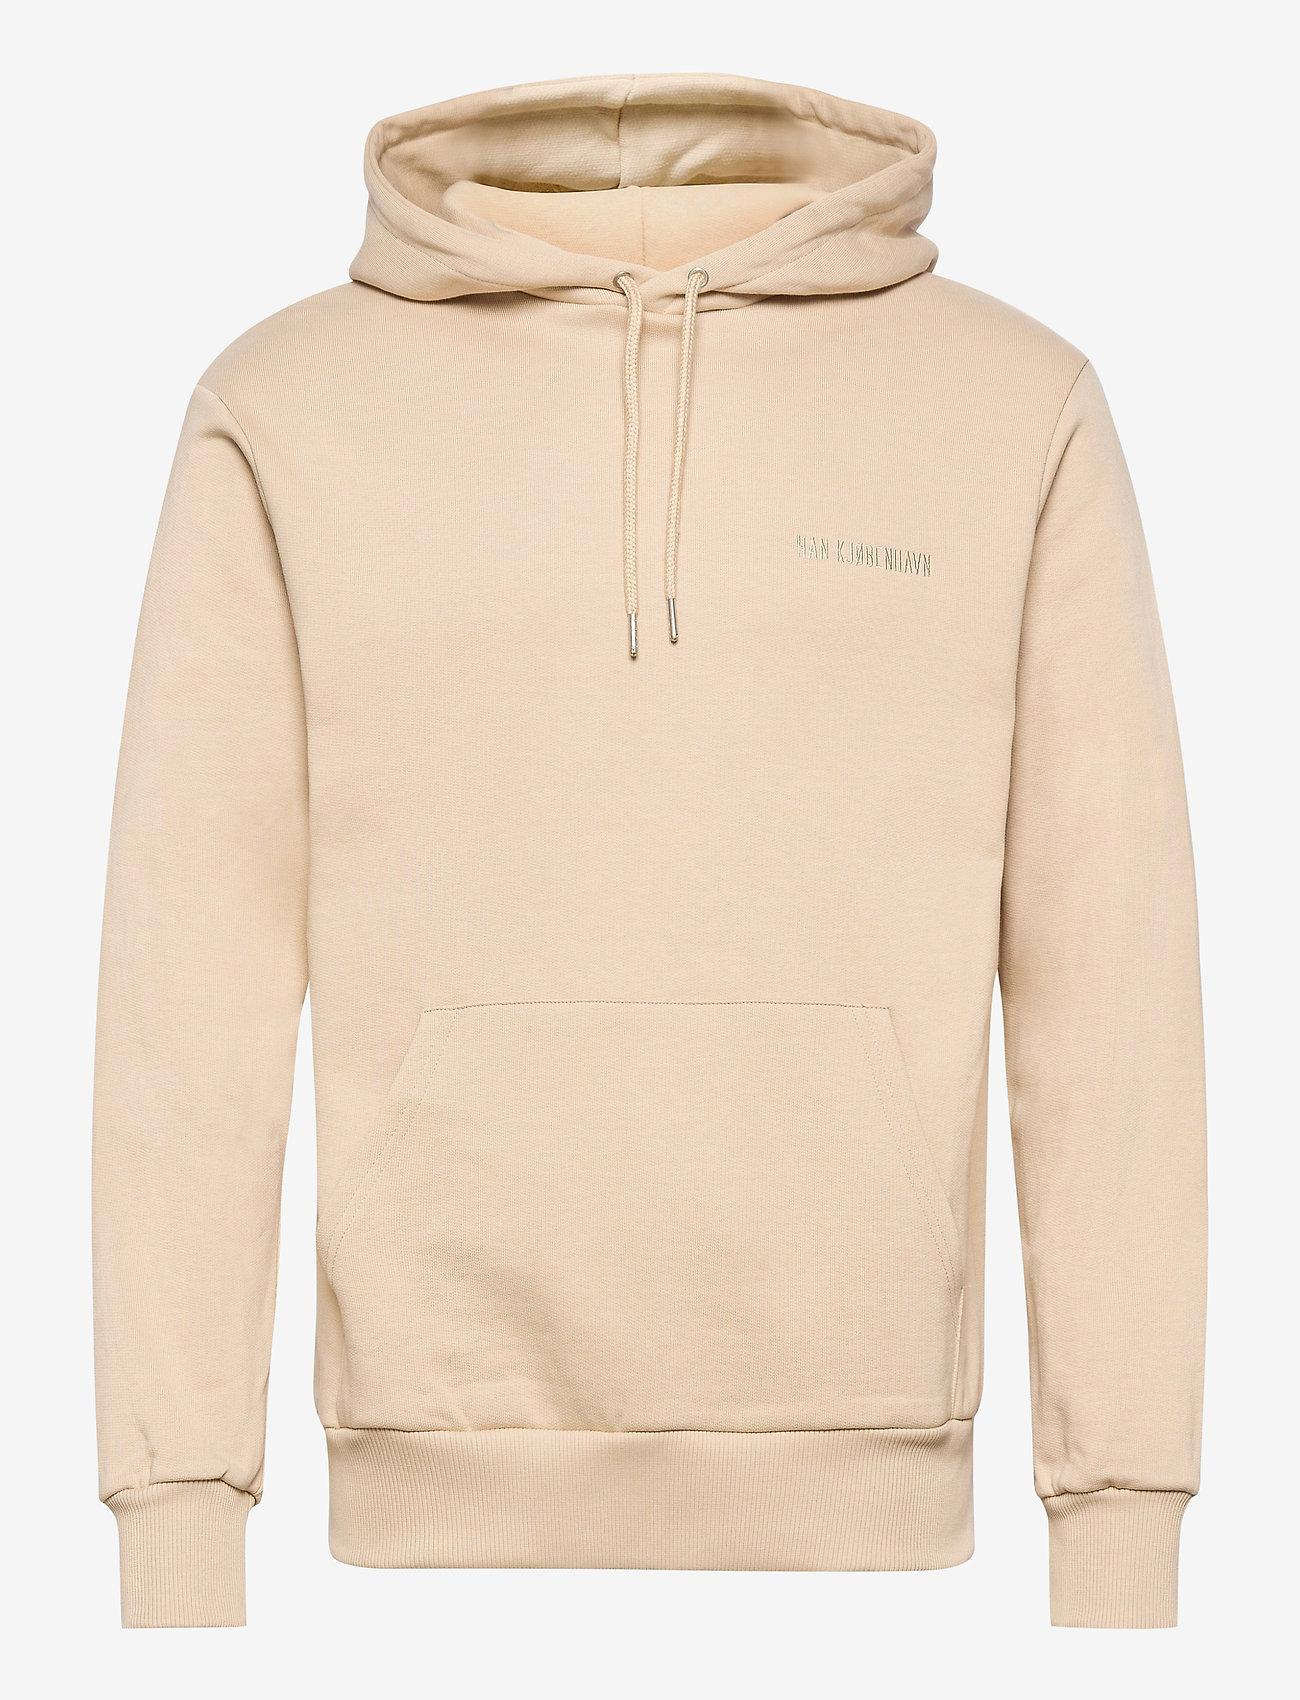 HAN Kjøbenhavn - Casual Hoodie - basic sweatshirts - sand - 0